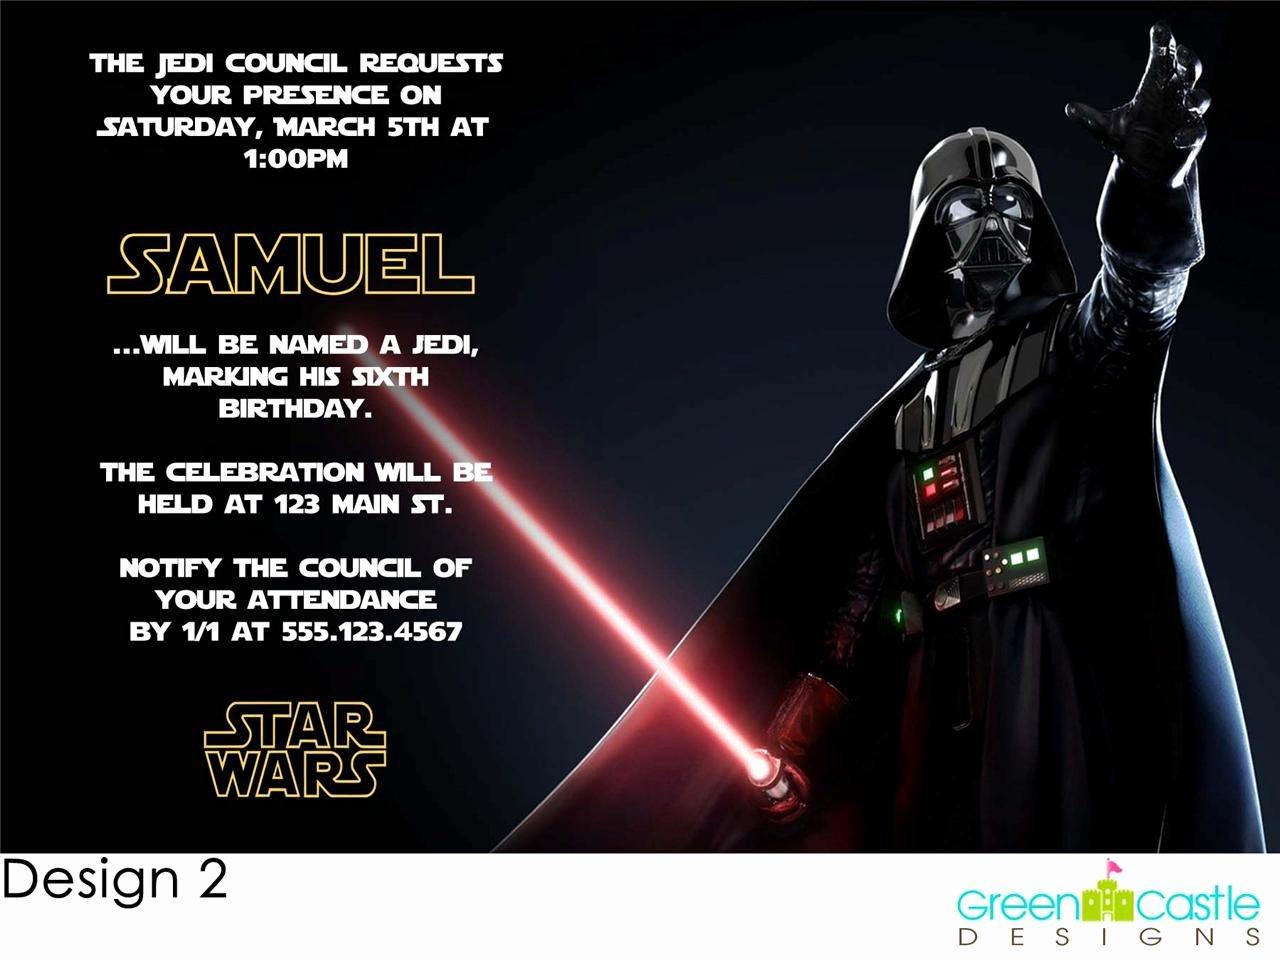 Star Wars Birthday Party Invitations Elegant Star Wars Birthday Party Invitation